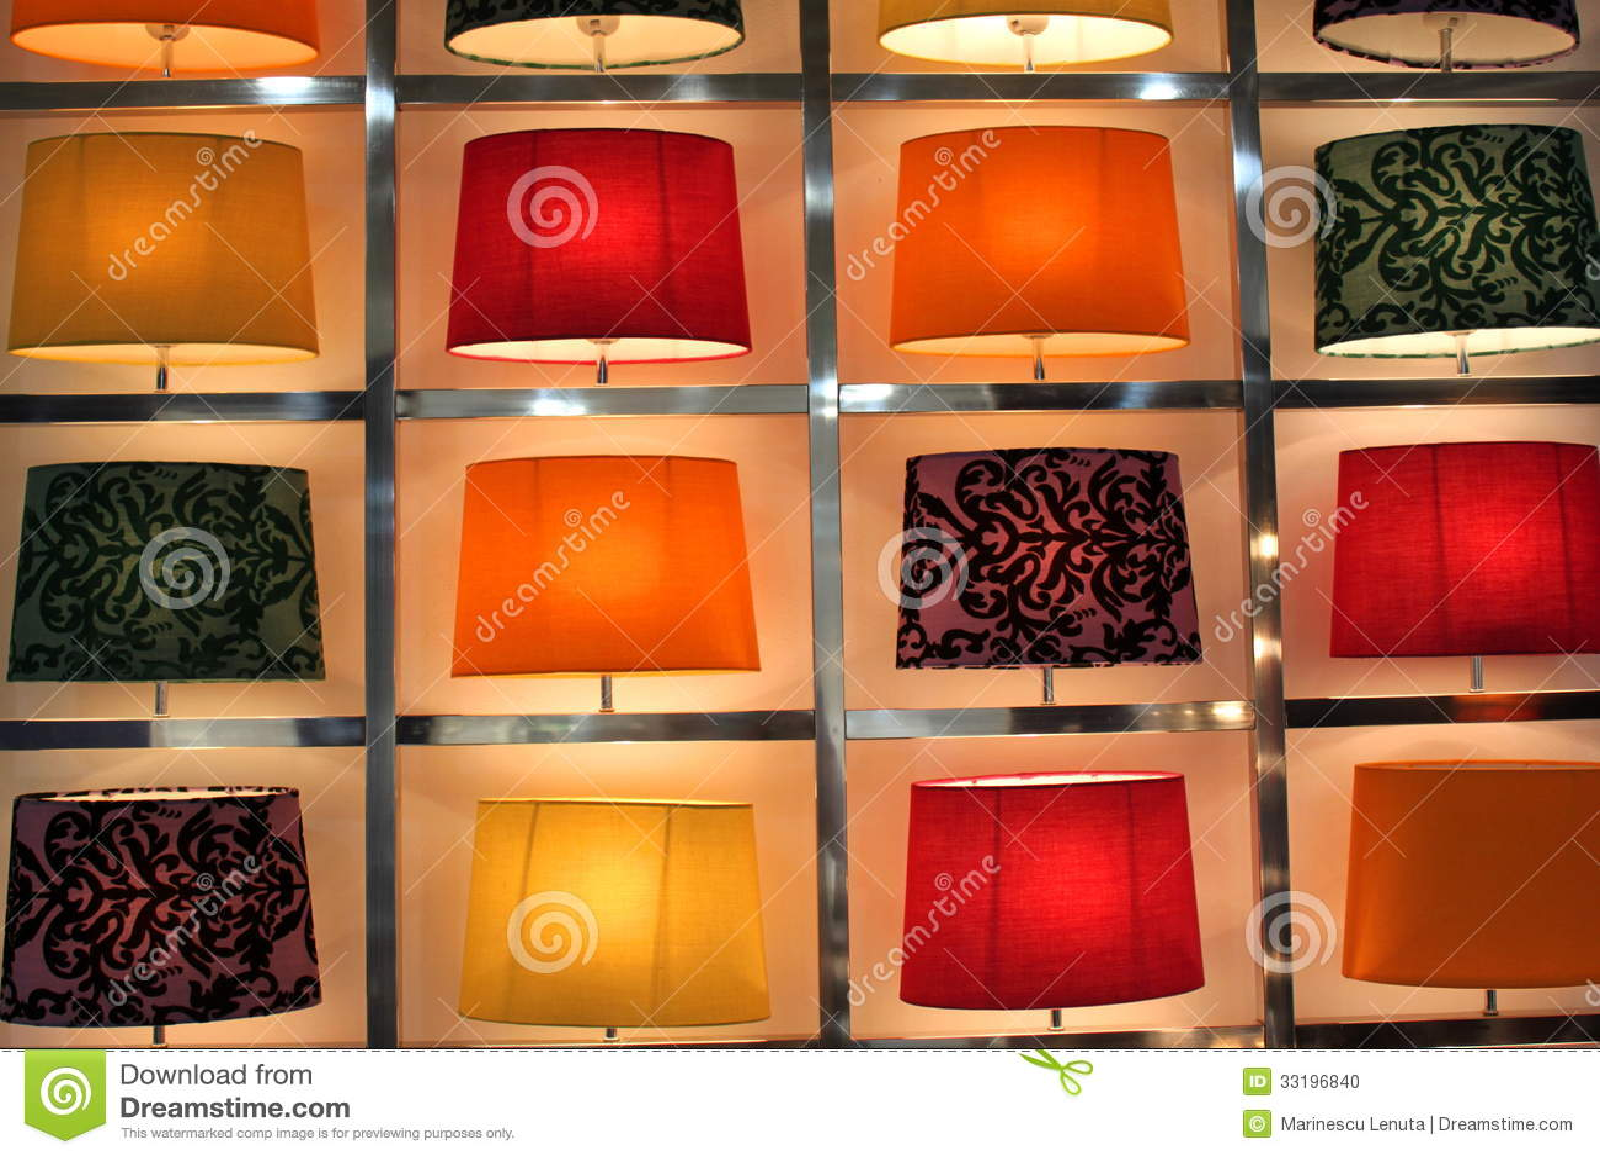 Malerisch Moderne Tischlampen Foto Von Satz